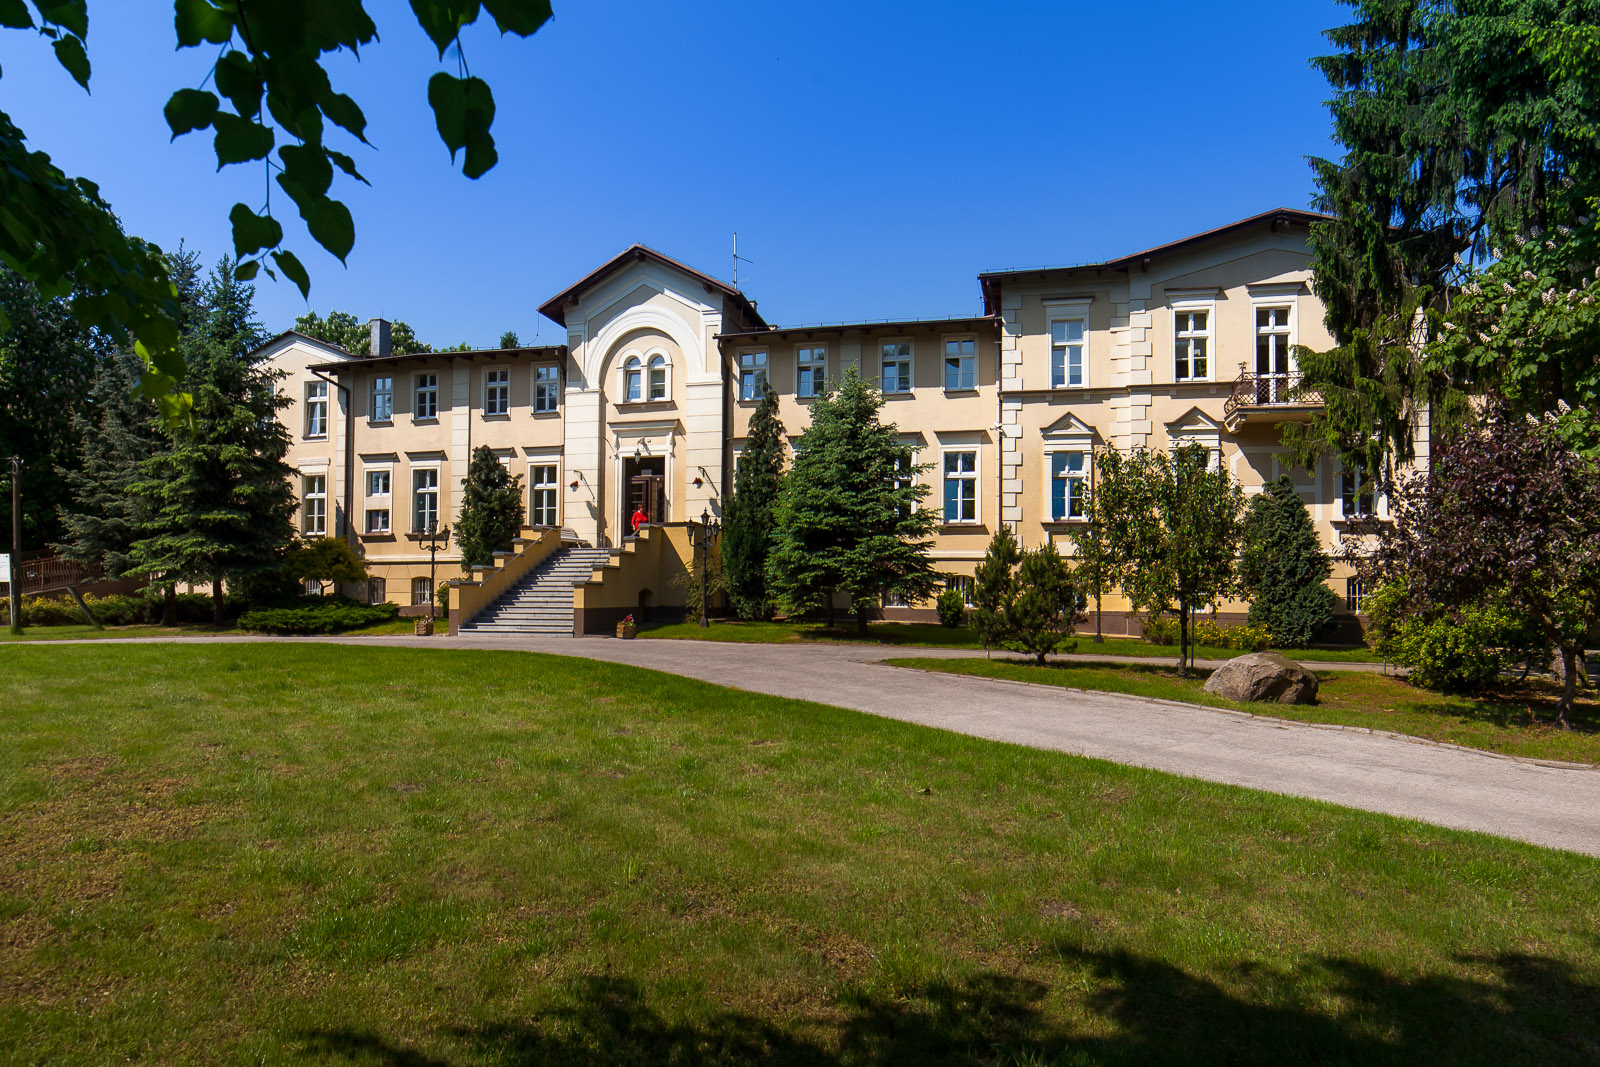 Klasycystyczny pałac w Mgoszczu, obecnie Dom Pomocy Społecznej